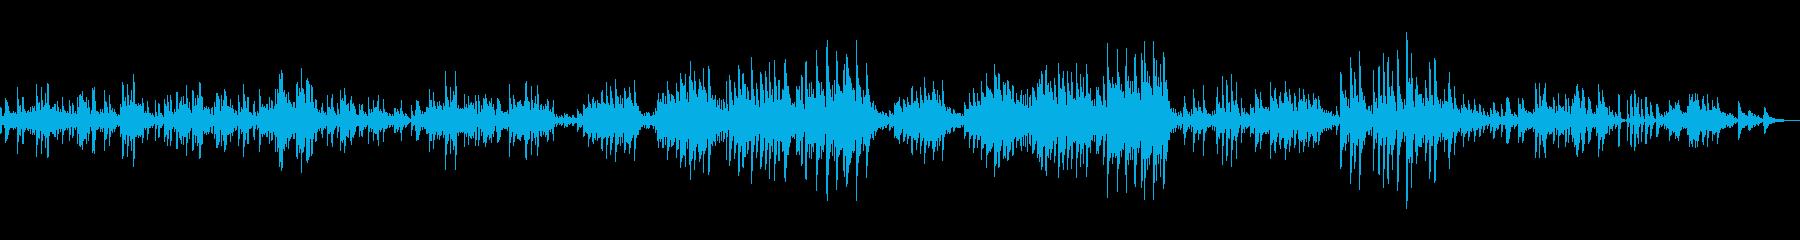 ショパンの前奏曲 第15番《雨だれ》の再生済みの波形